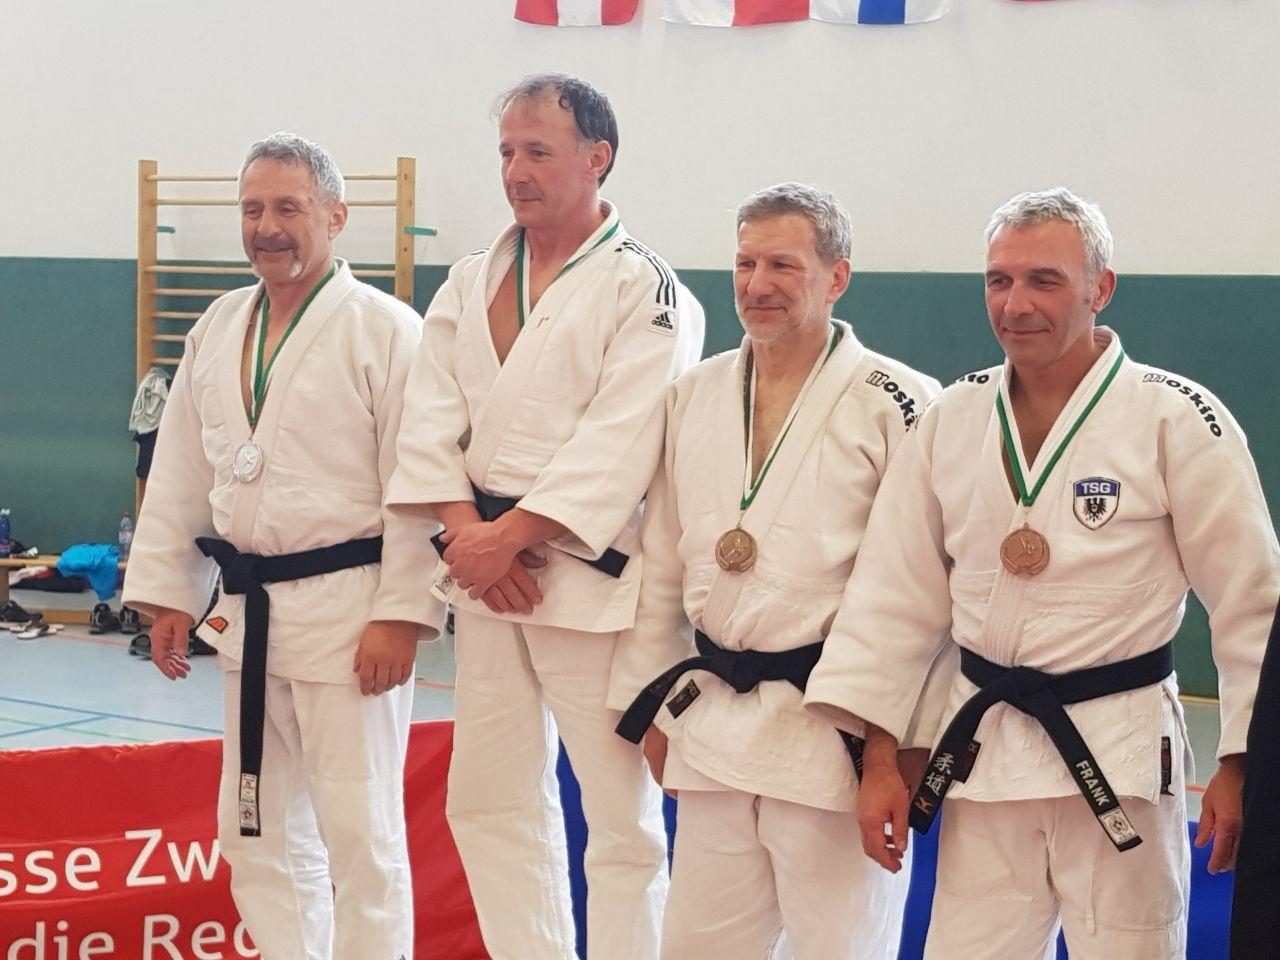 Judo-Oldie Wolfgang Löffler links